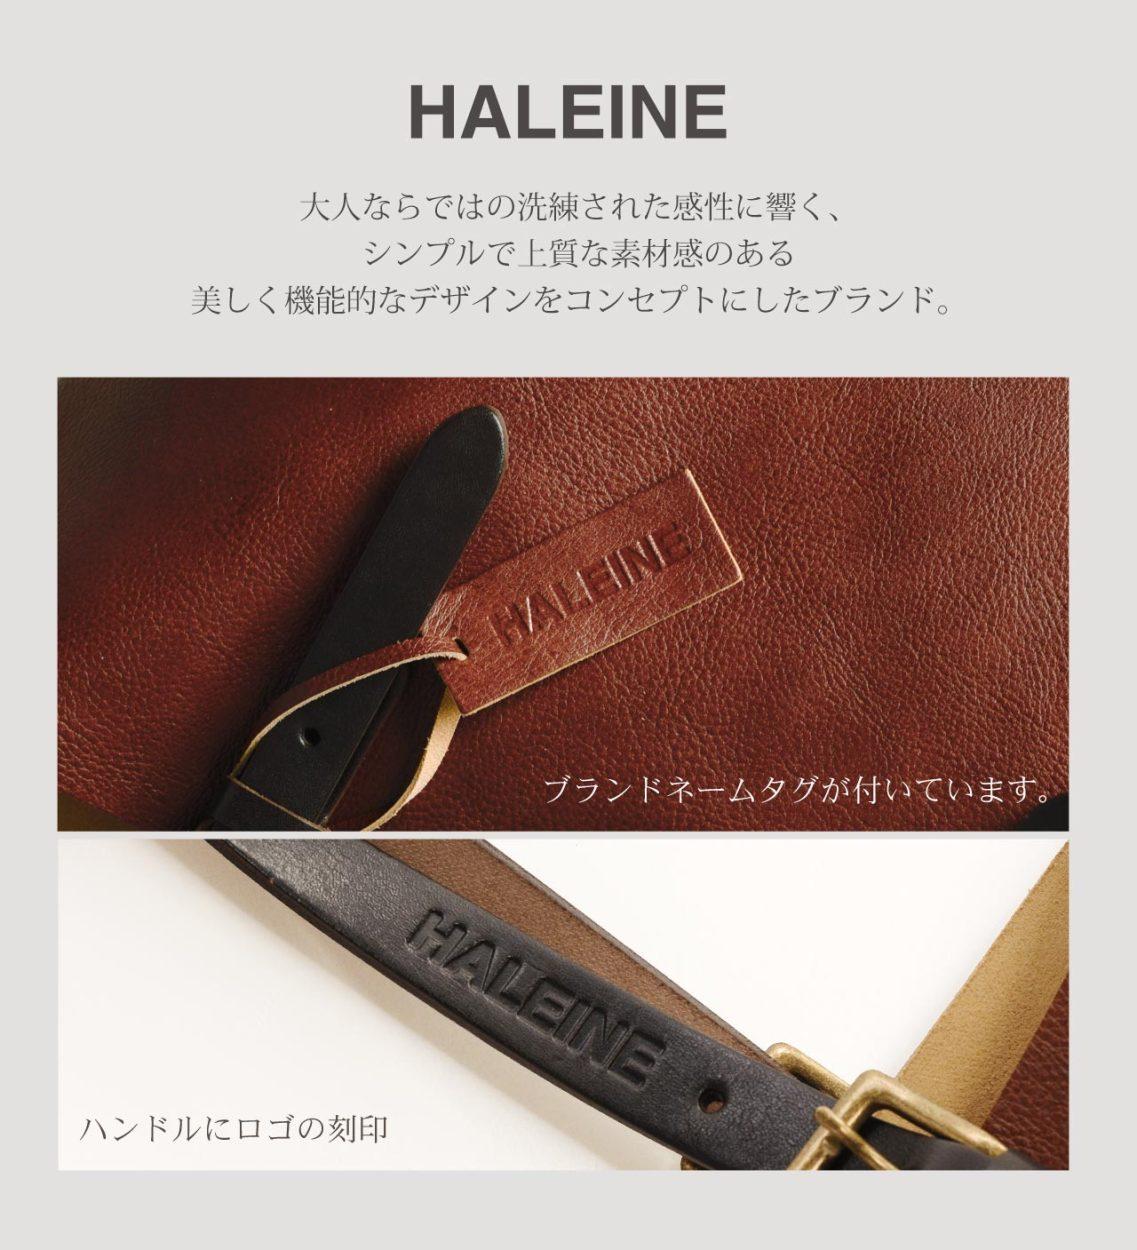 [HALEINE] 牛革 バッグ 切りっぱなし ブランド